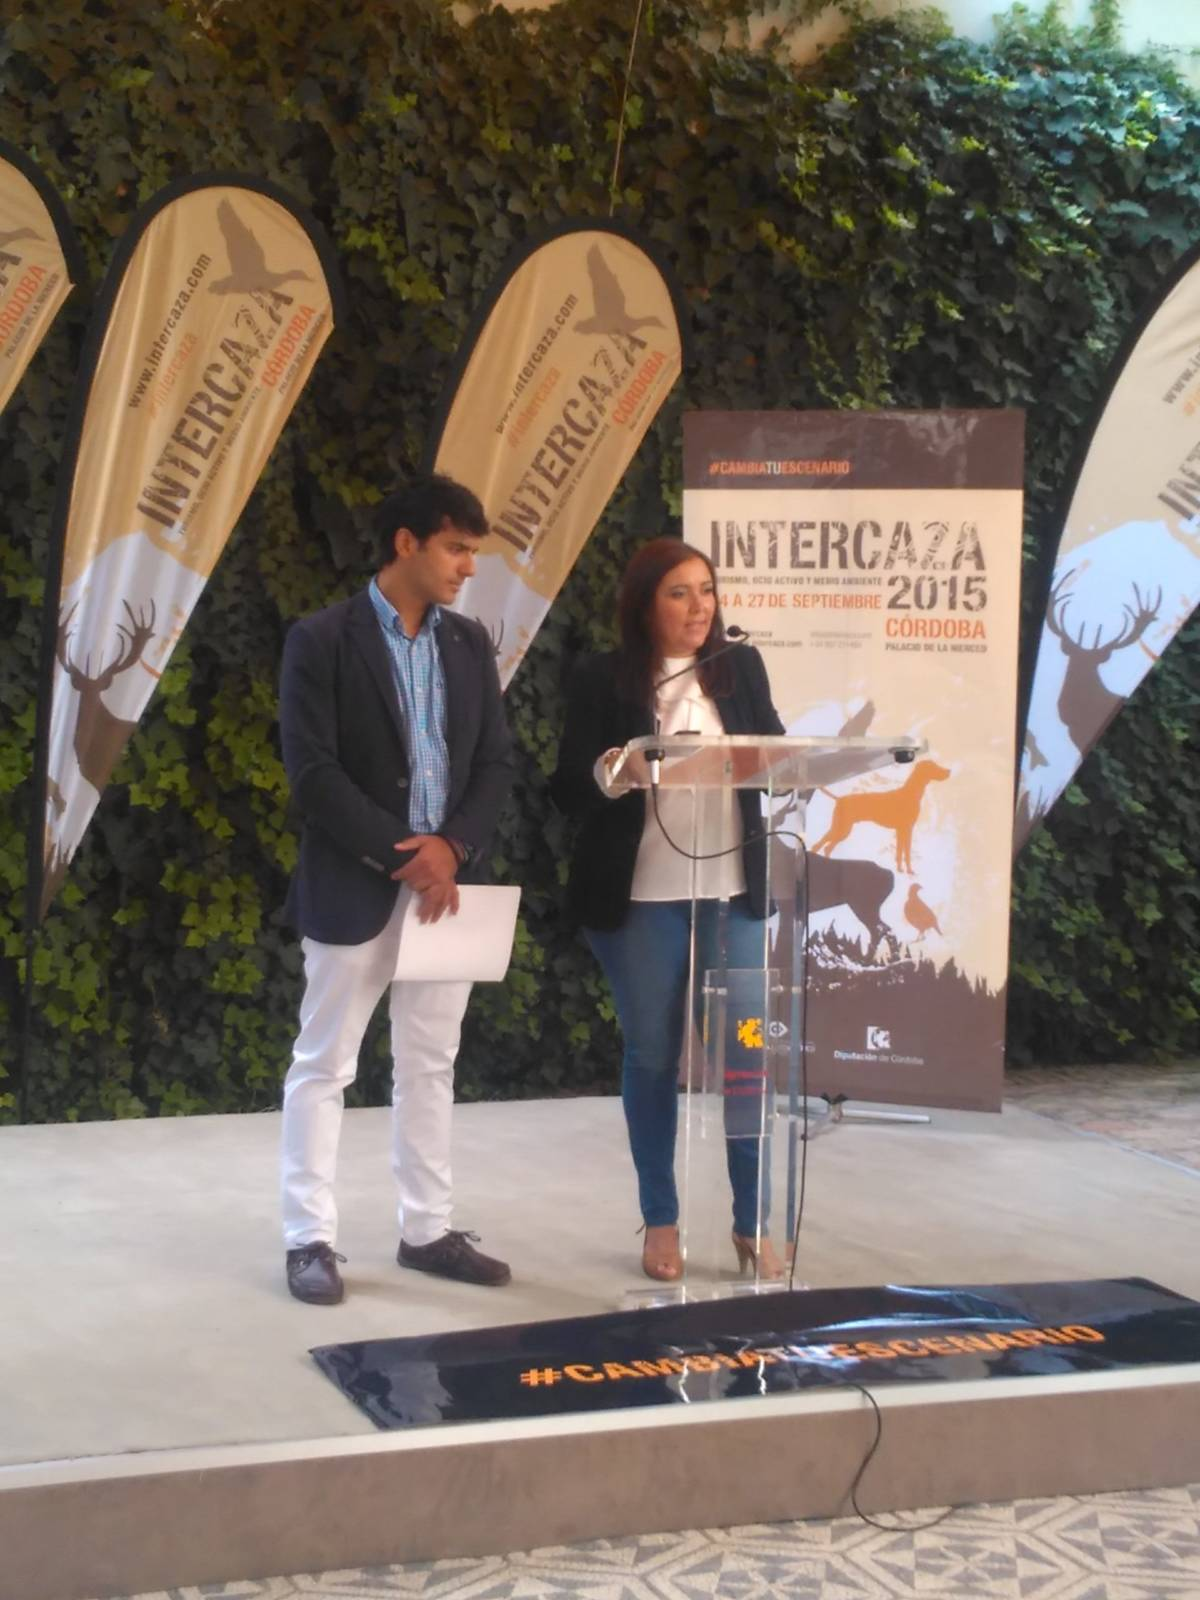 Intercaza 2015 calienta motores con actividades previas en Córdoba capital y en la provincia